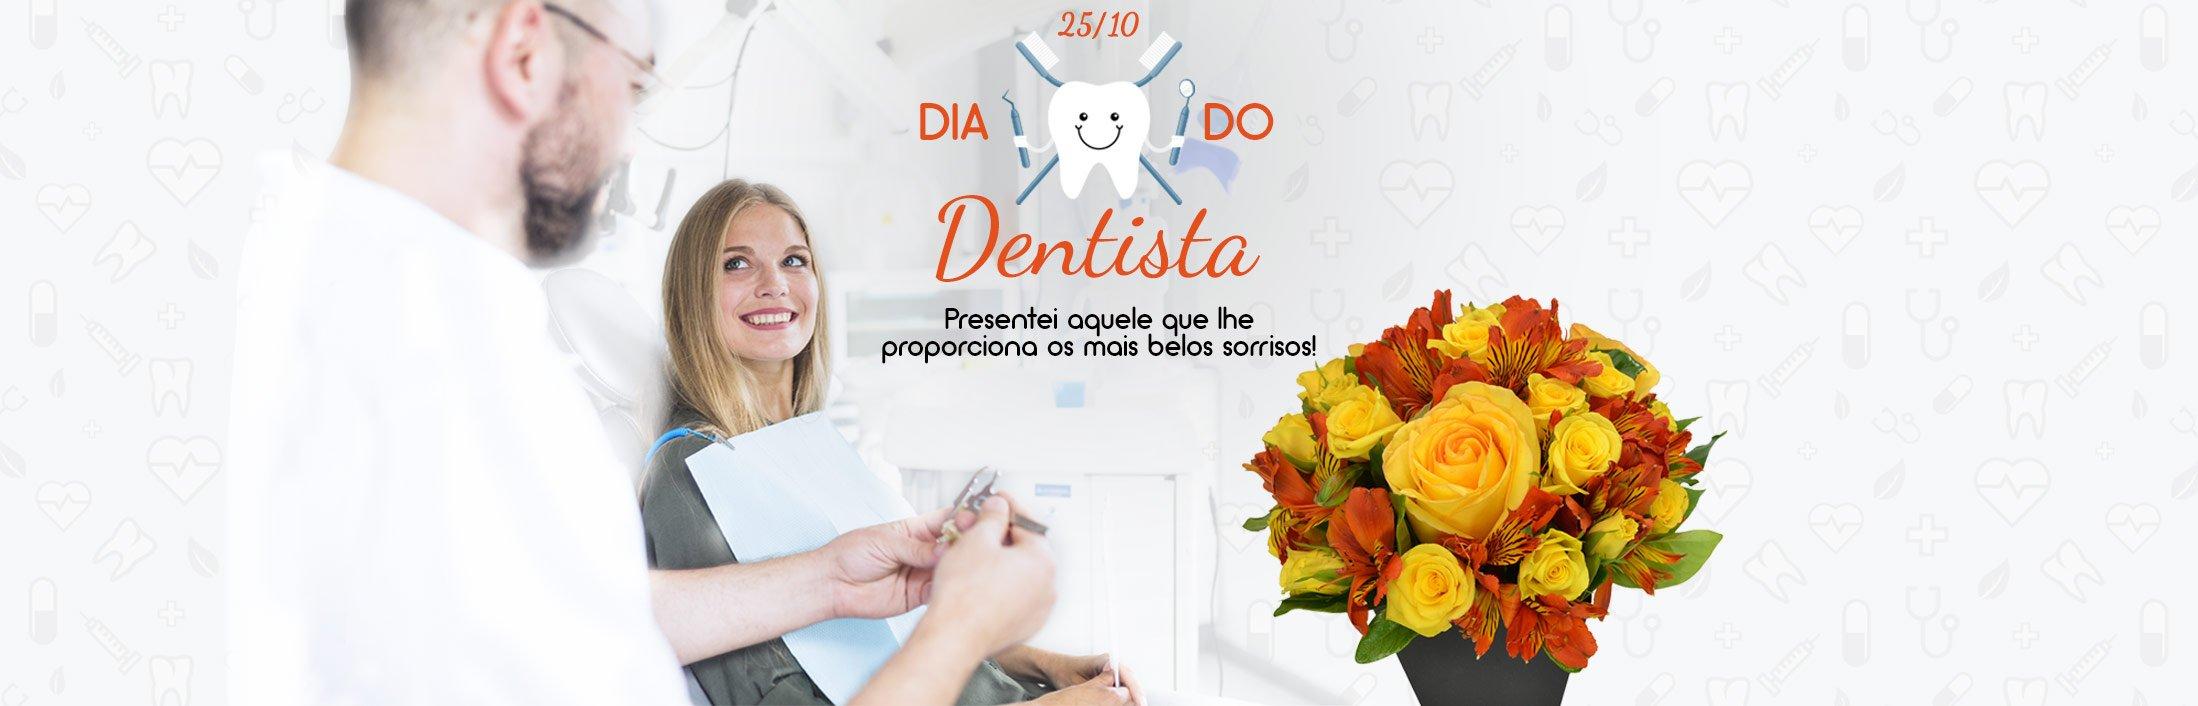 Dia do Dentista